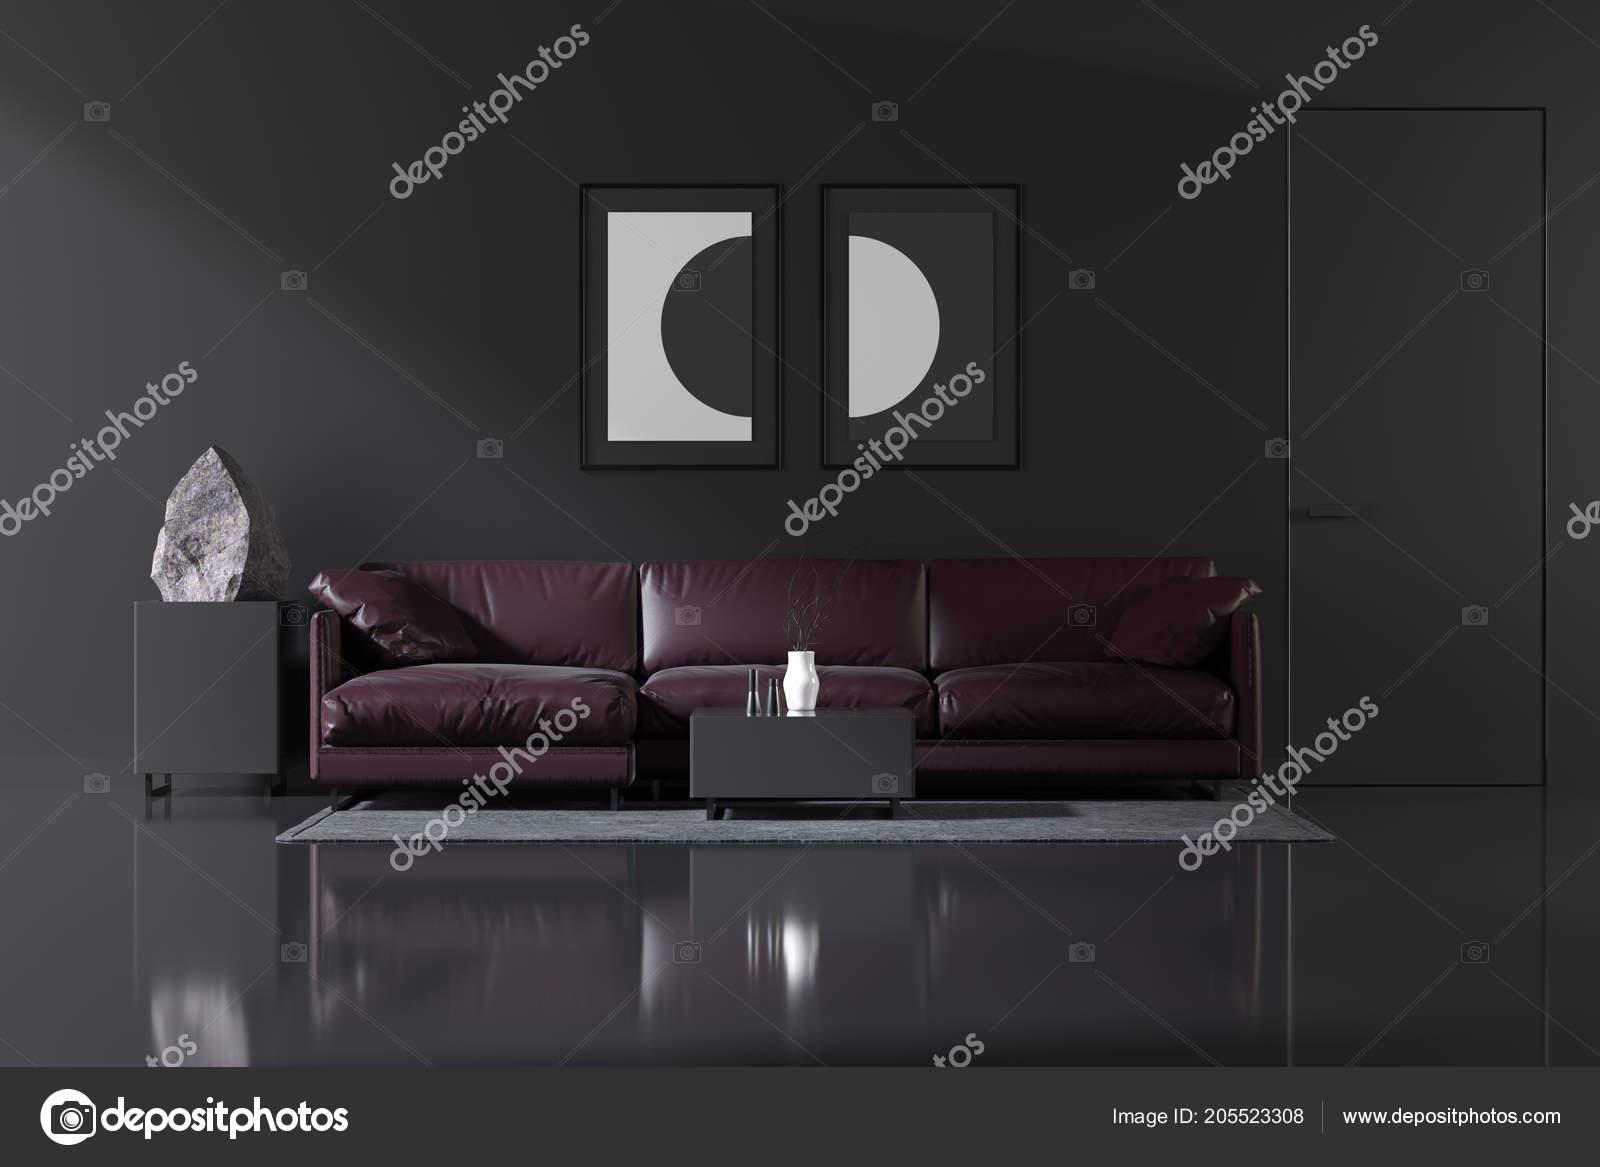 Steen In Interieur : Interieur een eenvoudige stijl met een steen het interieur